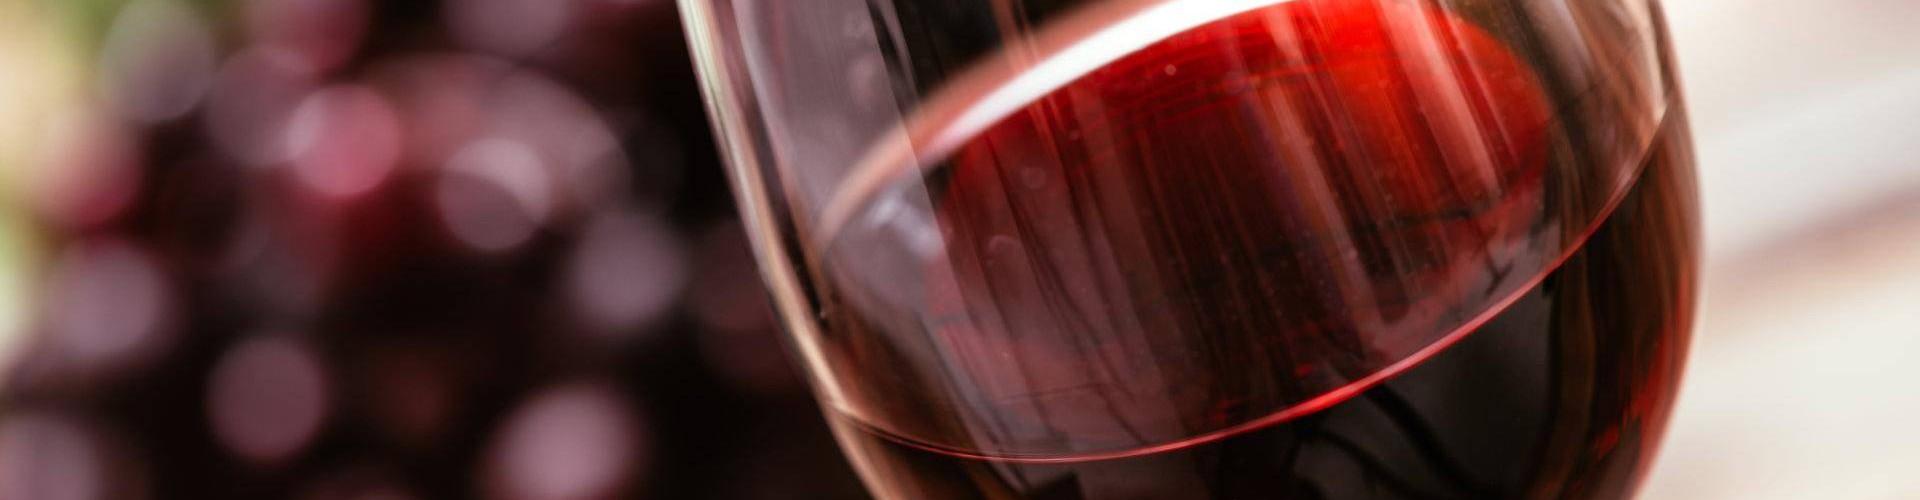 I vini di Valtellina in esposizione alla 53^ edizione di Vinitaly